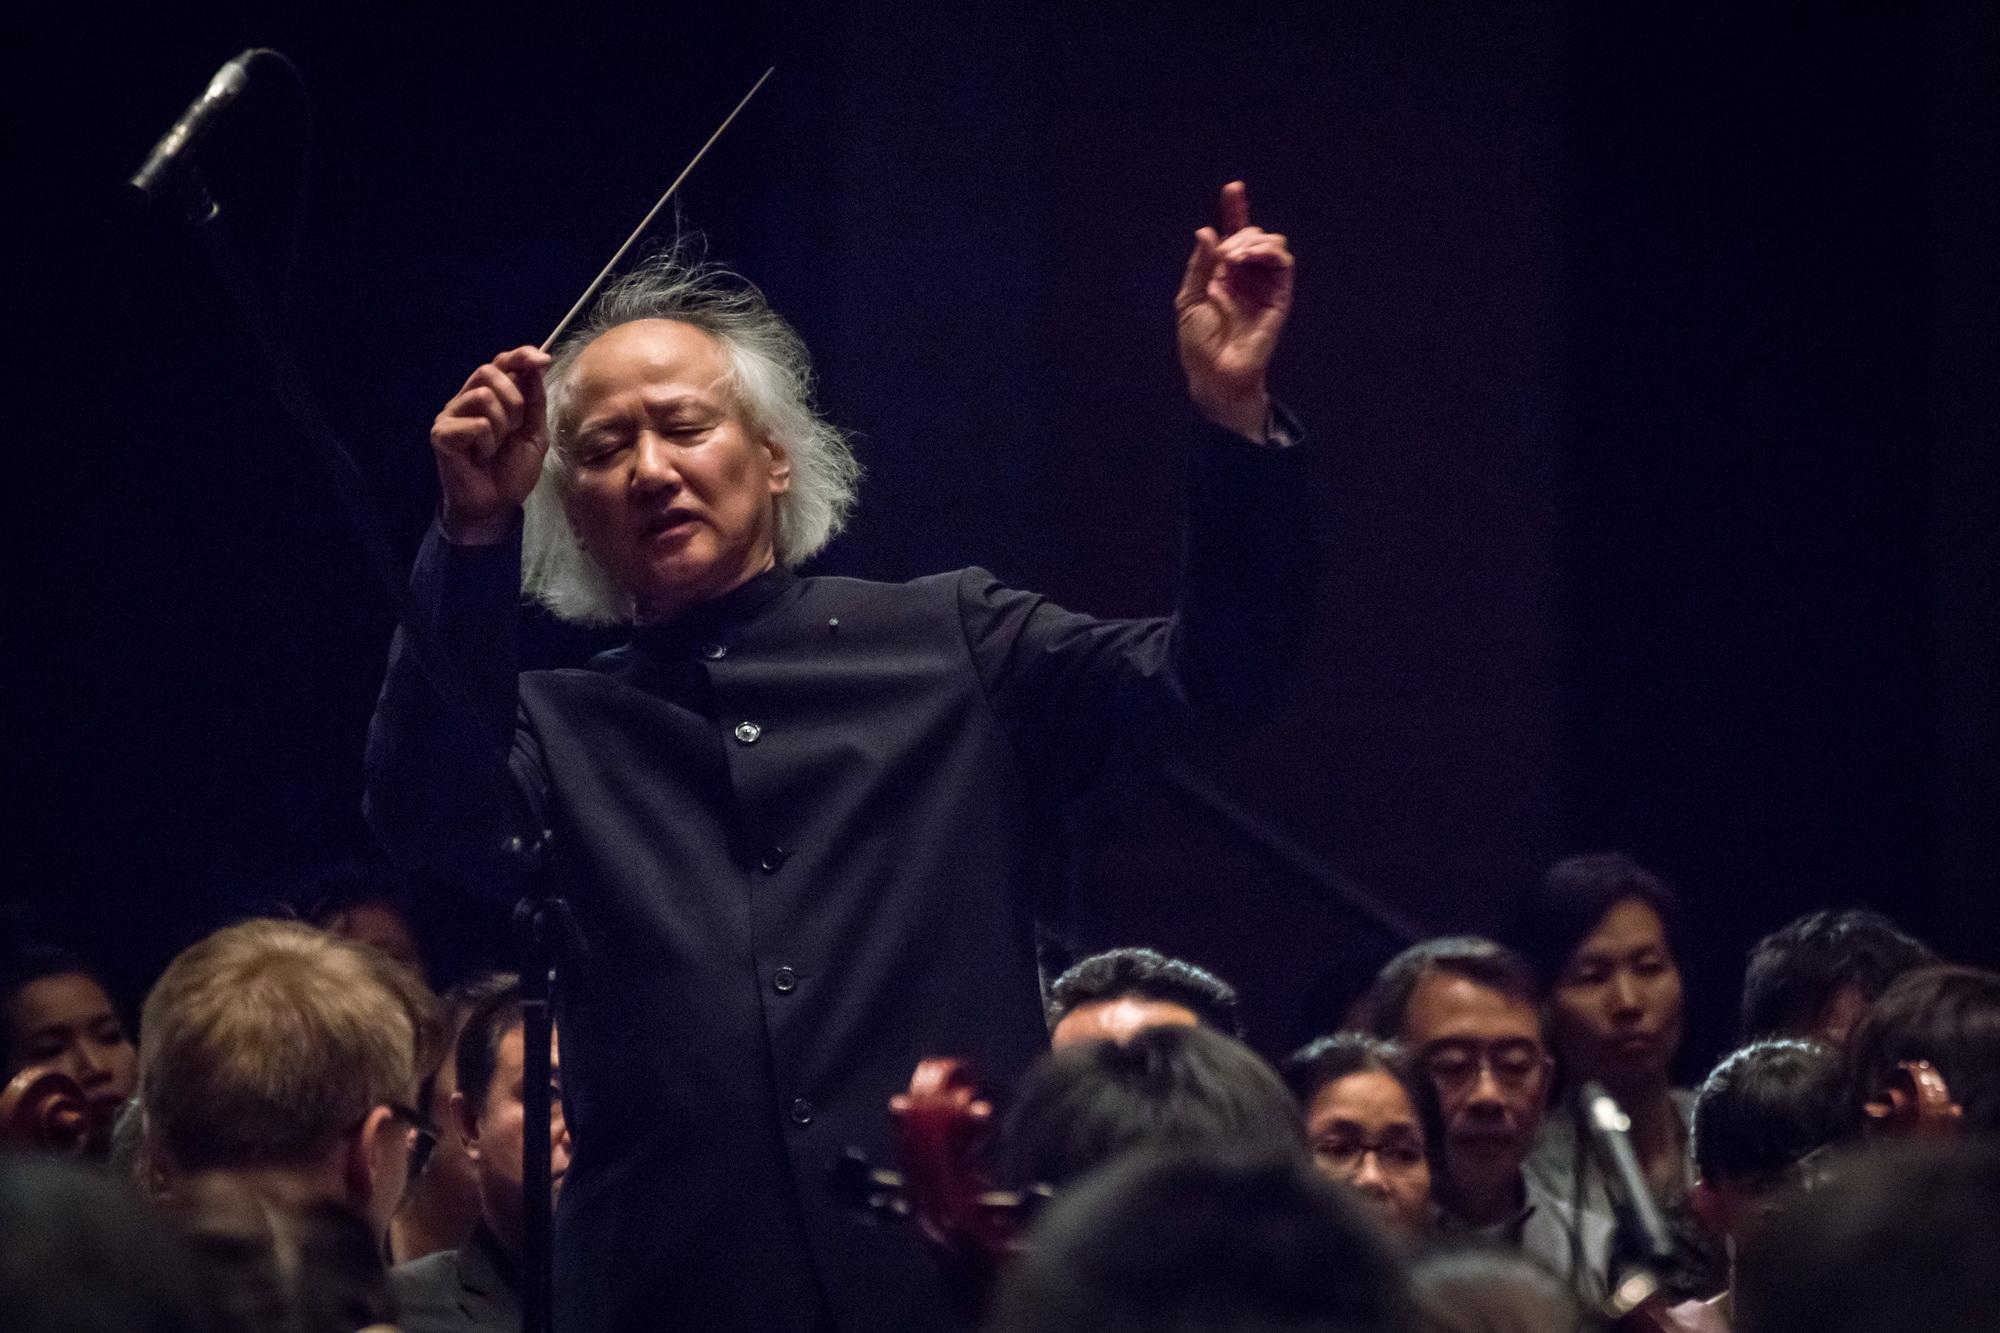 สุดพิเศษสำหรับคอเพลงดนตรีคลาสสิกกับการแสดง 2 รายการเพลง ที่เป็นผลงานของนักประพันธ์เพลงจากหลากหลายสัญชาติให้ชมกันแบบเต็มอิ่ม 13 -